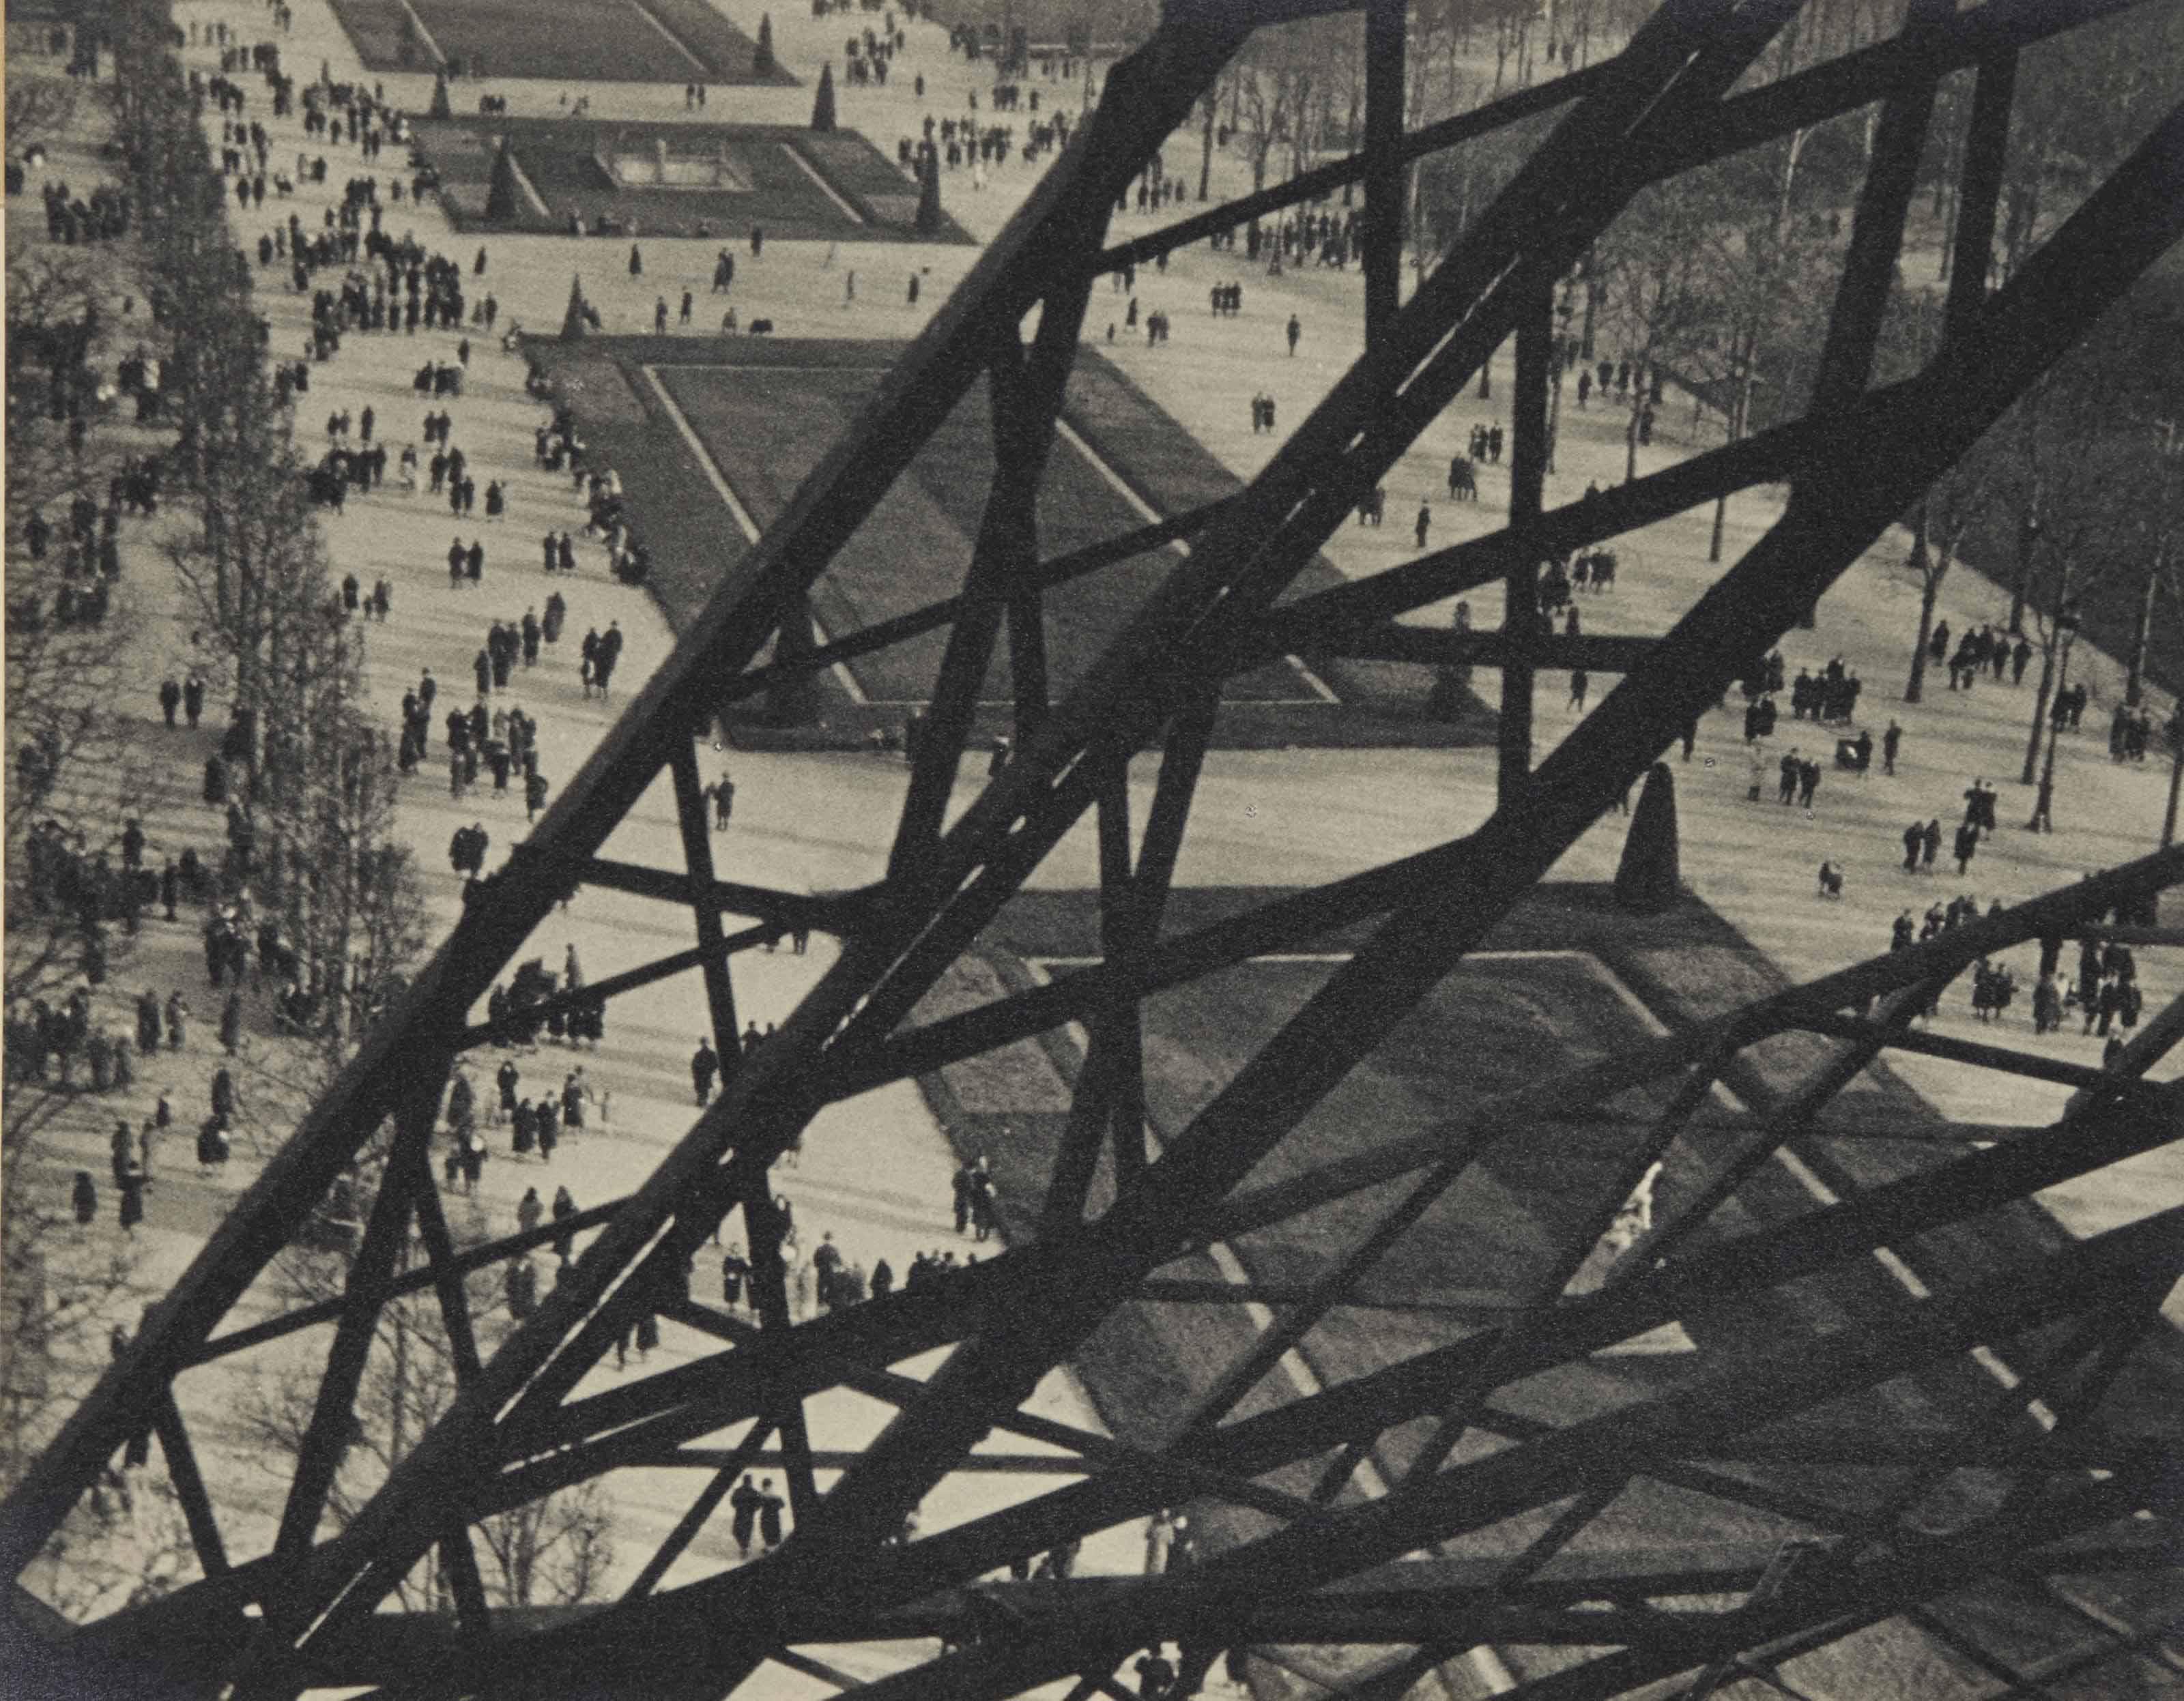 Tour Eiffel, Paris, 1931